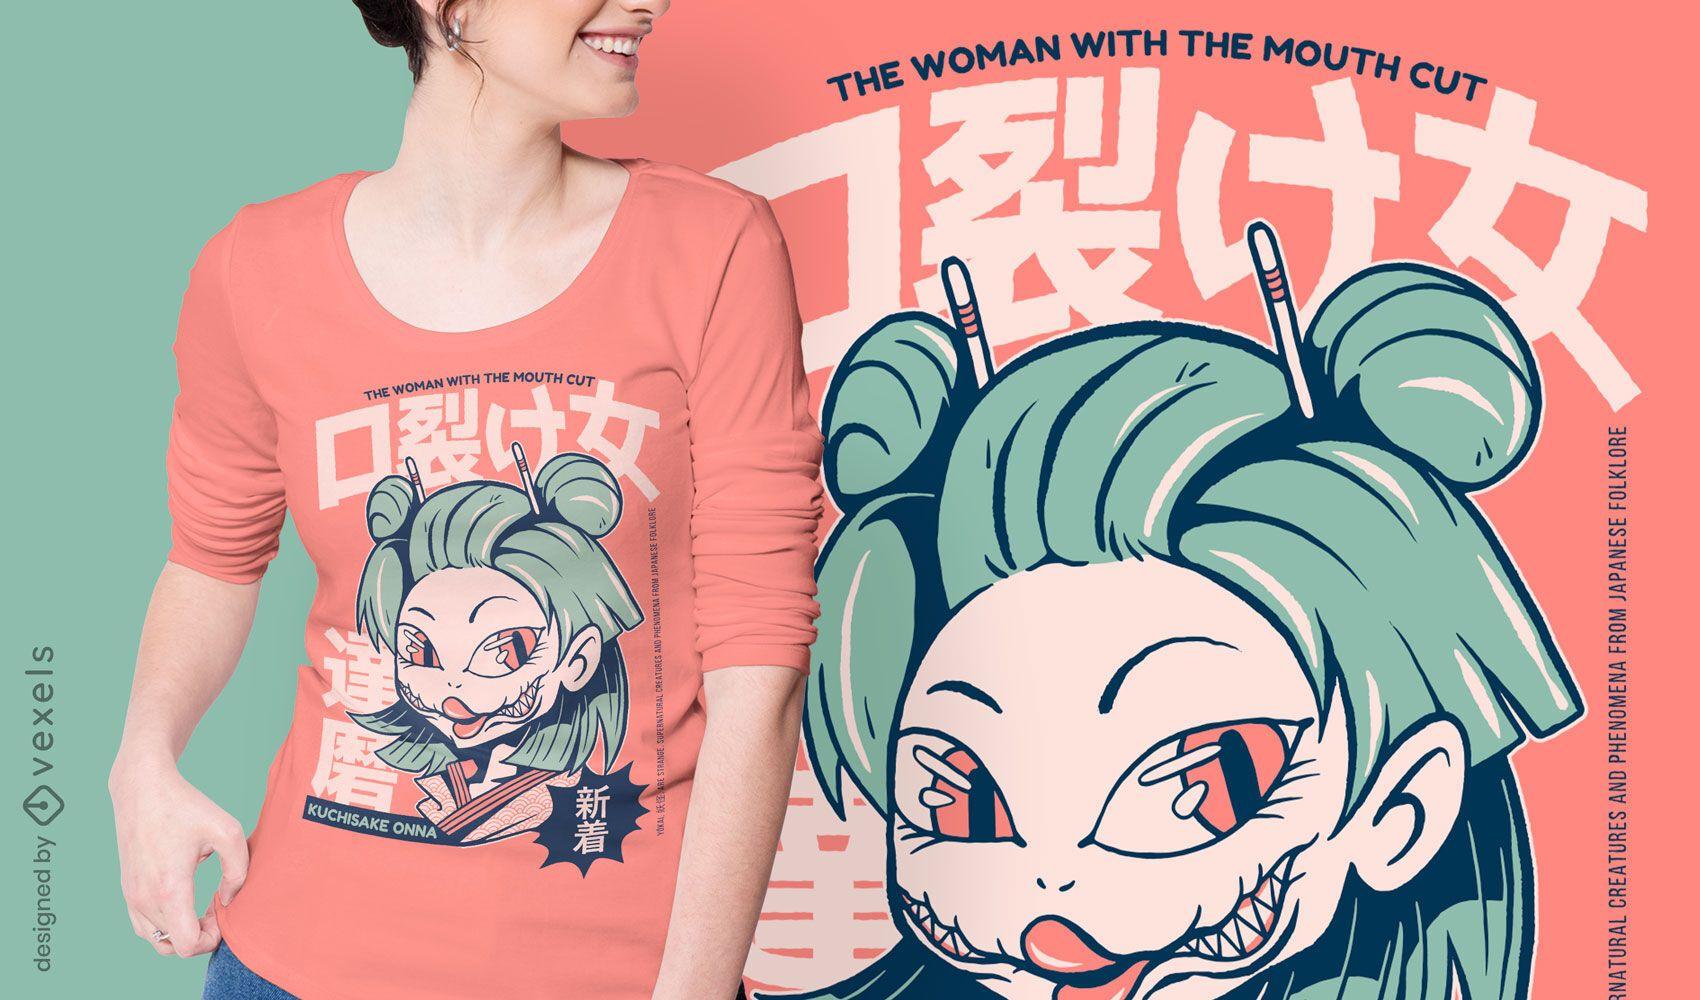 Kuchisake-Onna japanisches Yokai T-Shirt Design